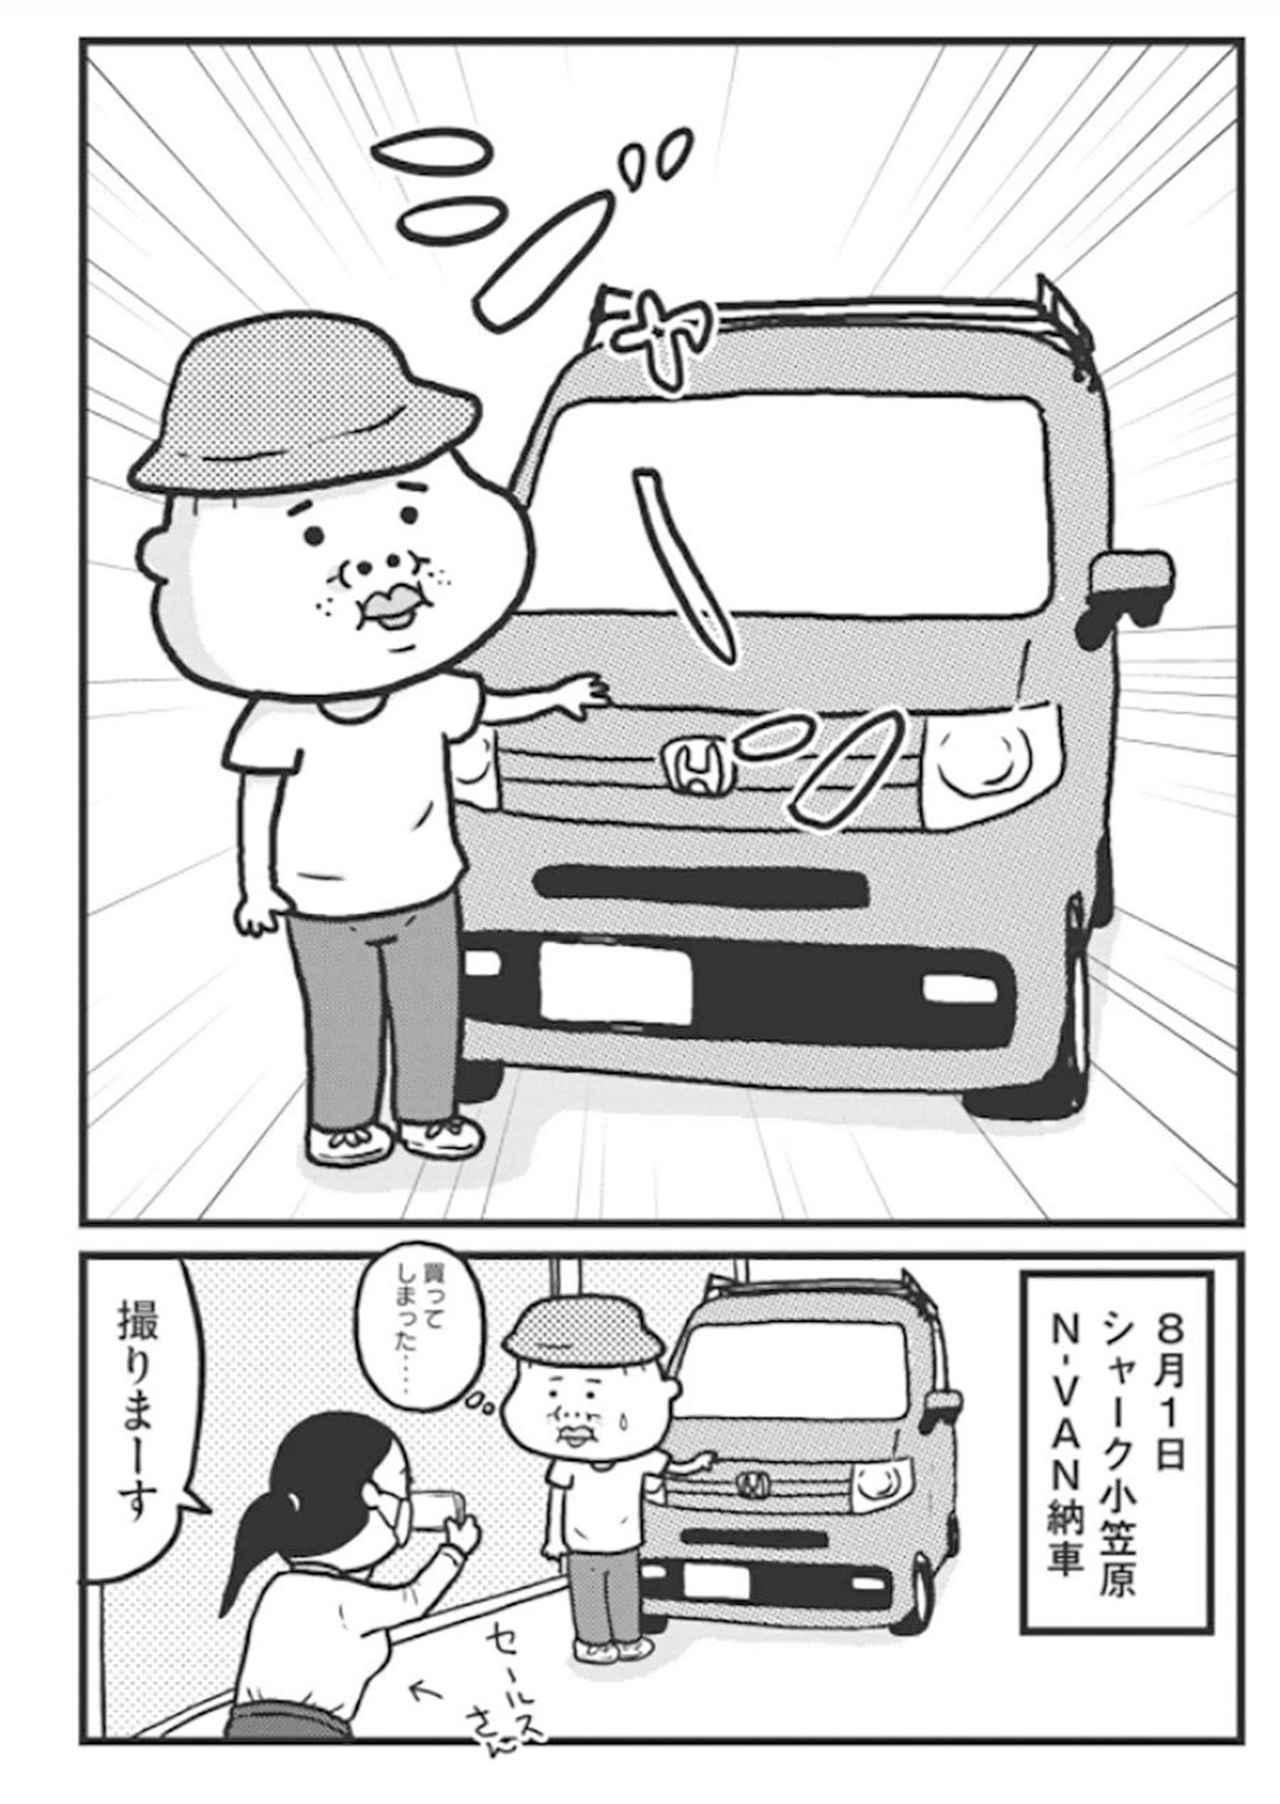 画像2: 小田原ドラゴン先生の愛車・N-VANの車中泊装備は!?